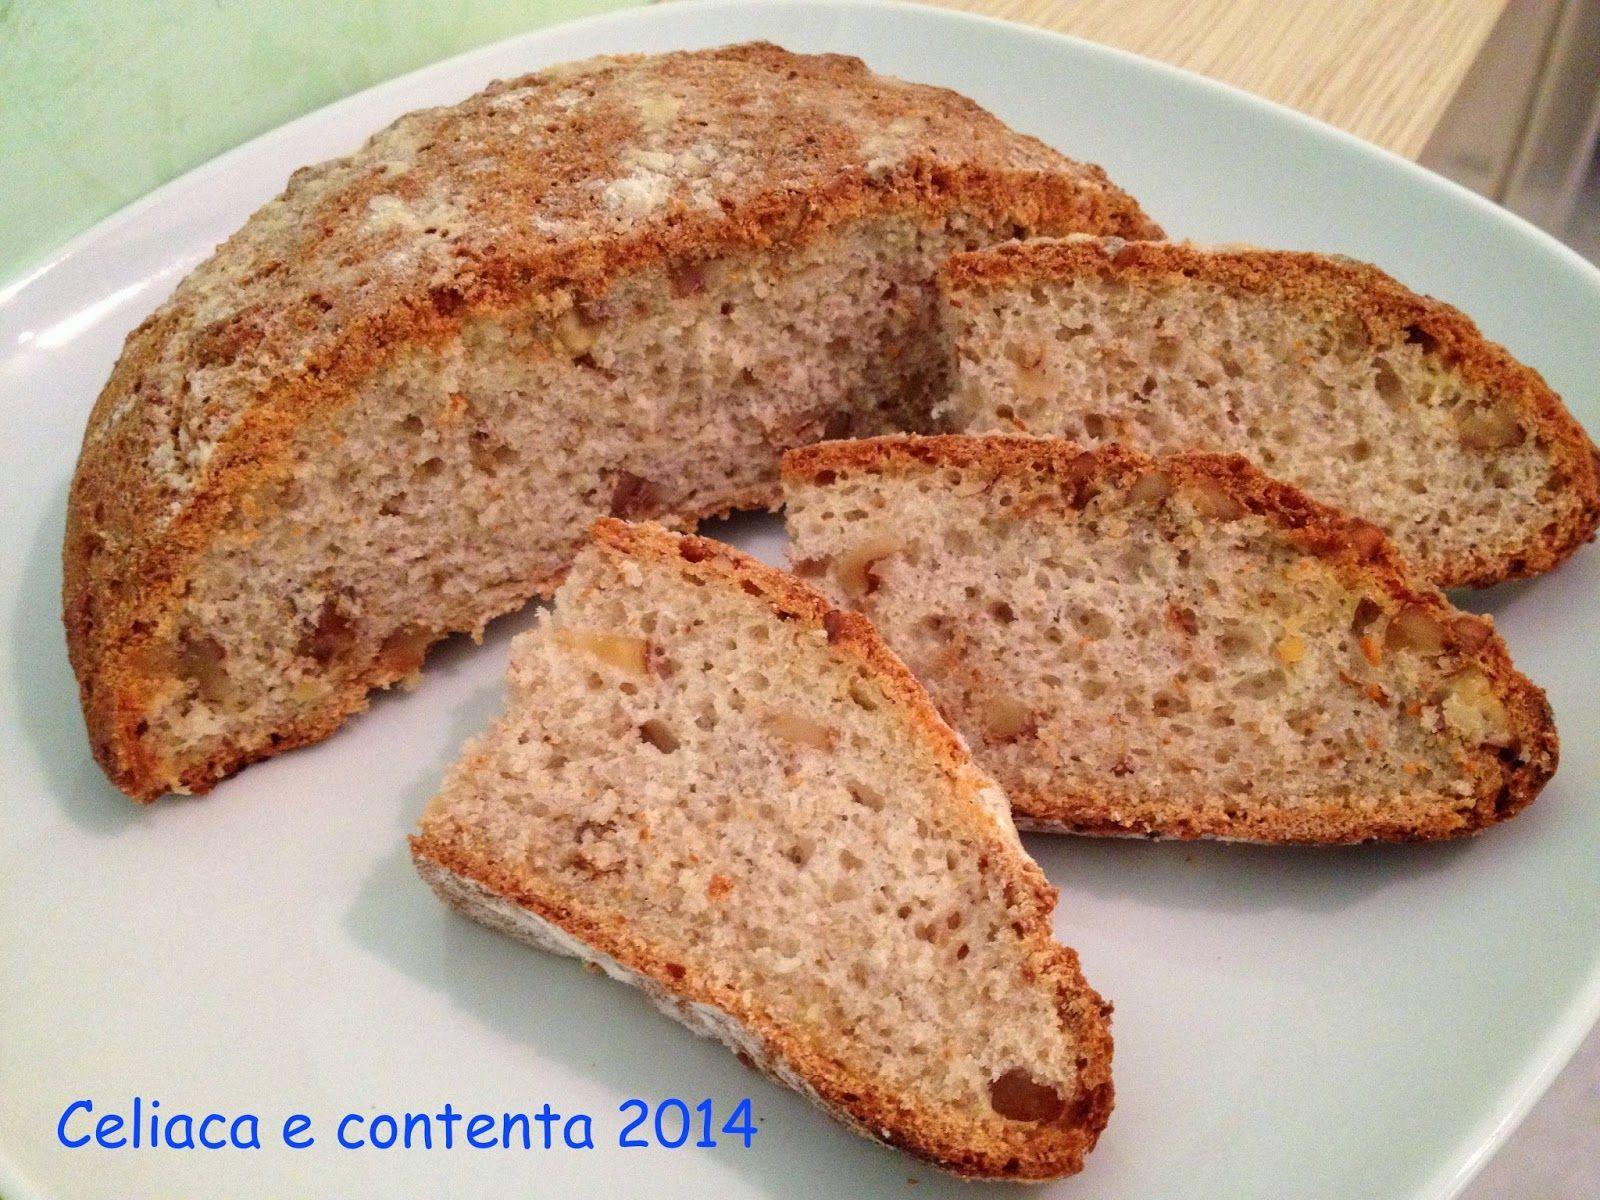 Celiaca e contenta: Pane con farina di amaranto e noci... come coccola...